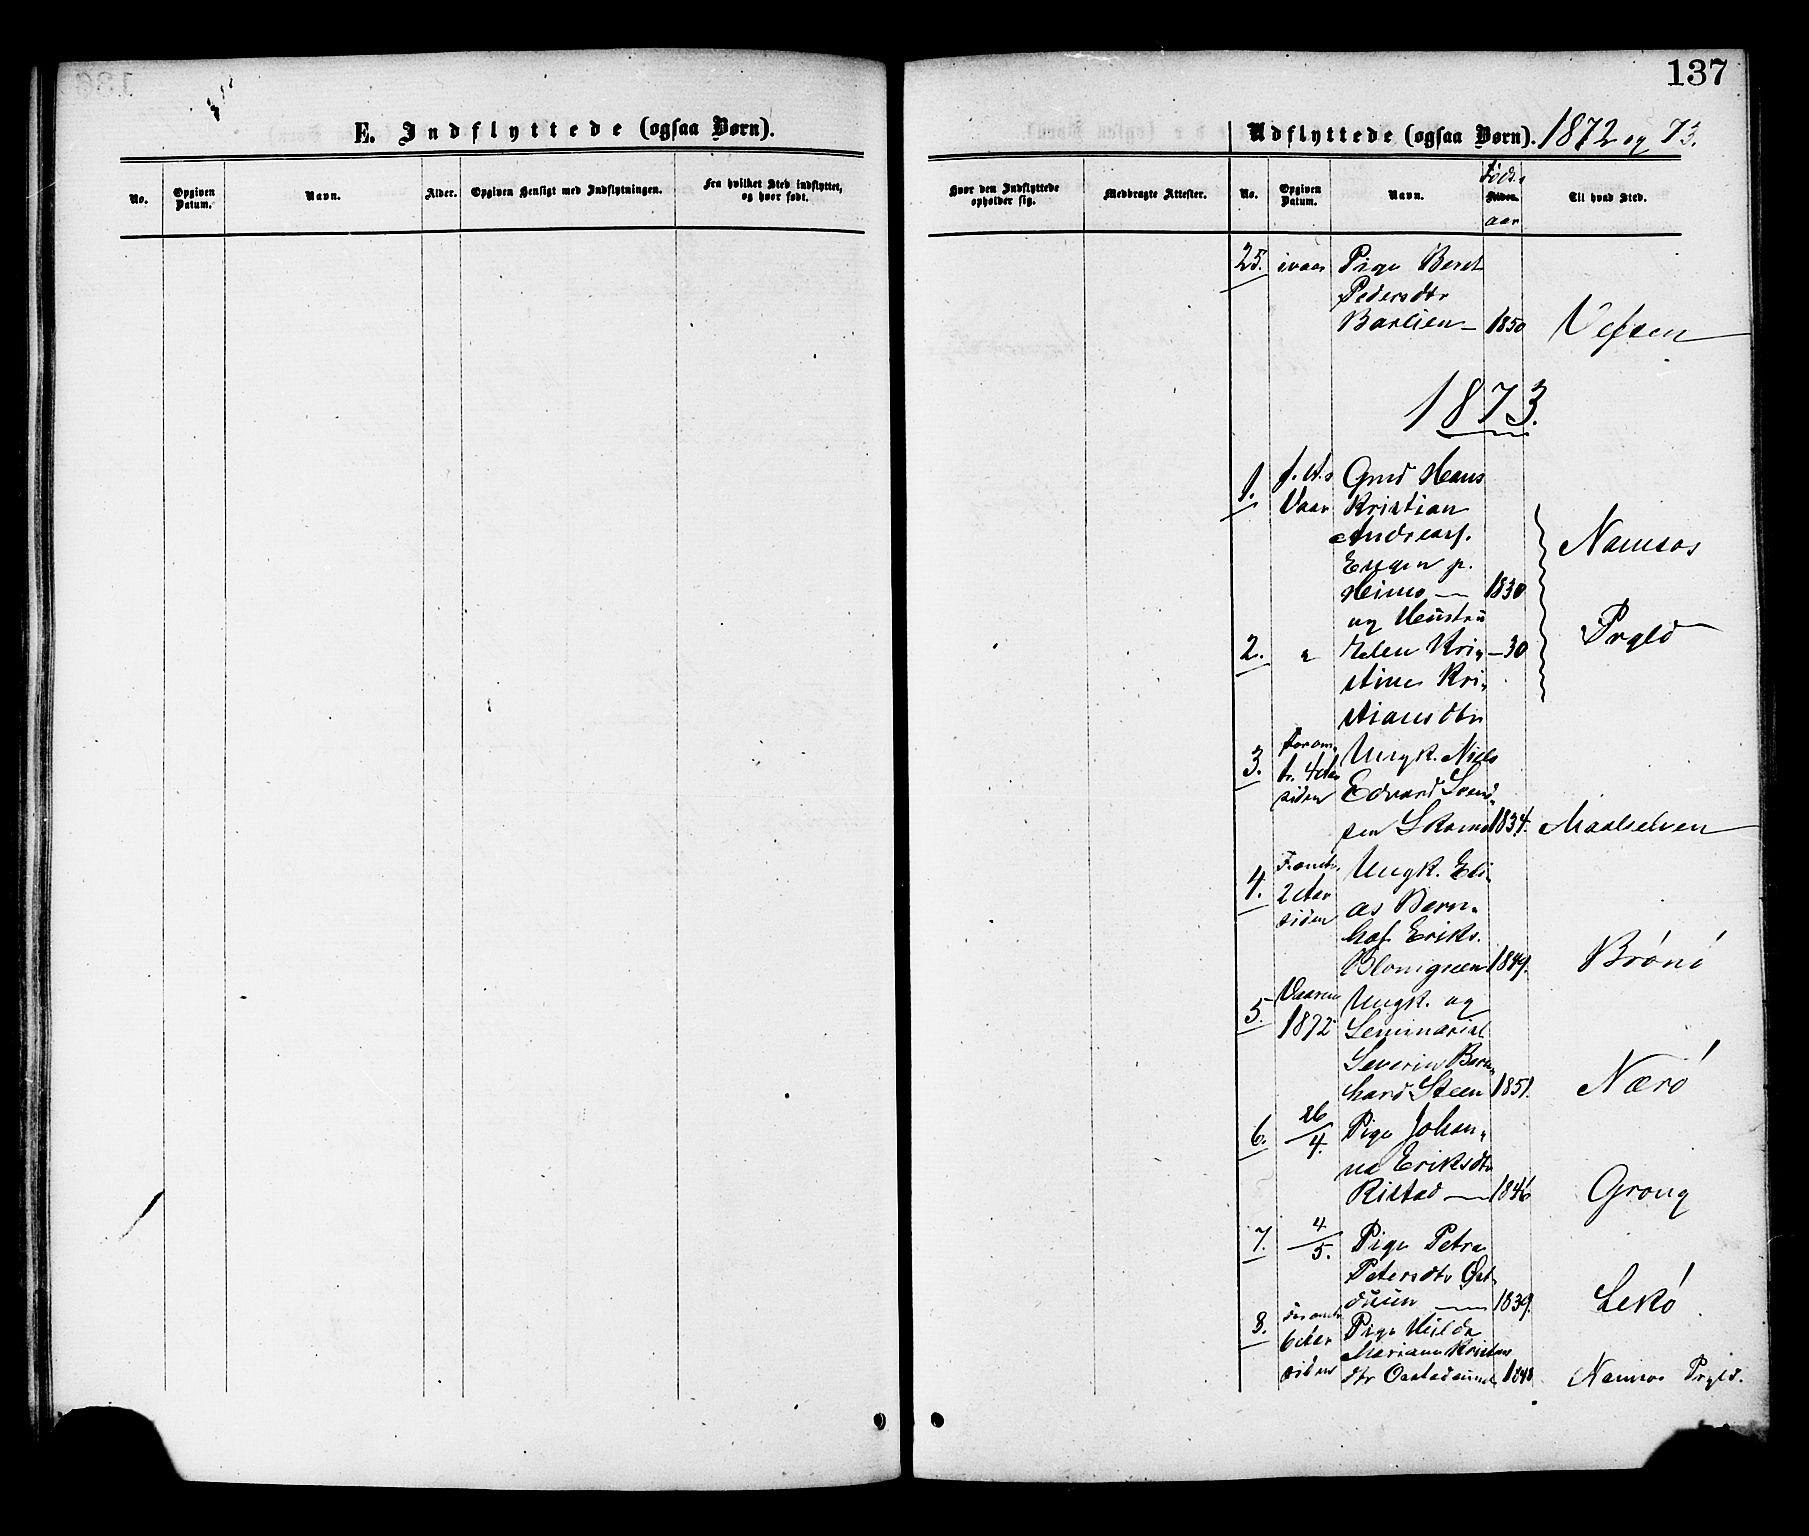 SAT, Ministerialprotokoller, klokkerbøker og fødselsregistre - Nord-Trøndelag, 764/L0554: Ministerialbok nr. 764A09, 1867-1880, s. 137